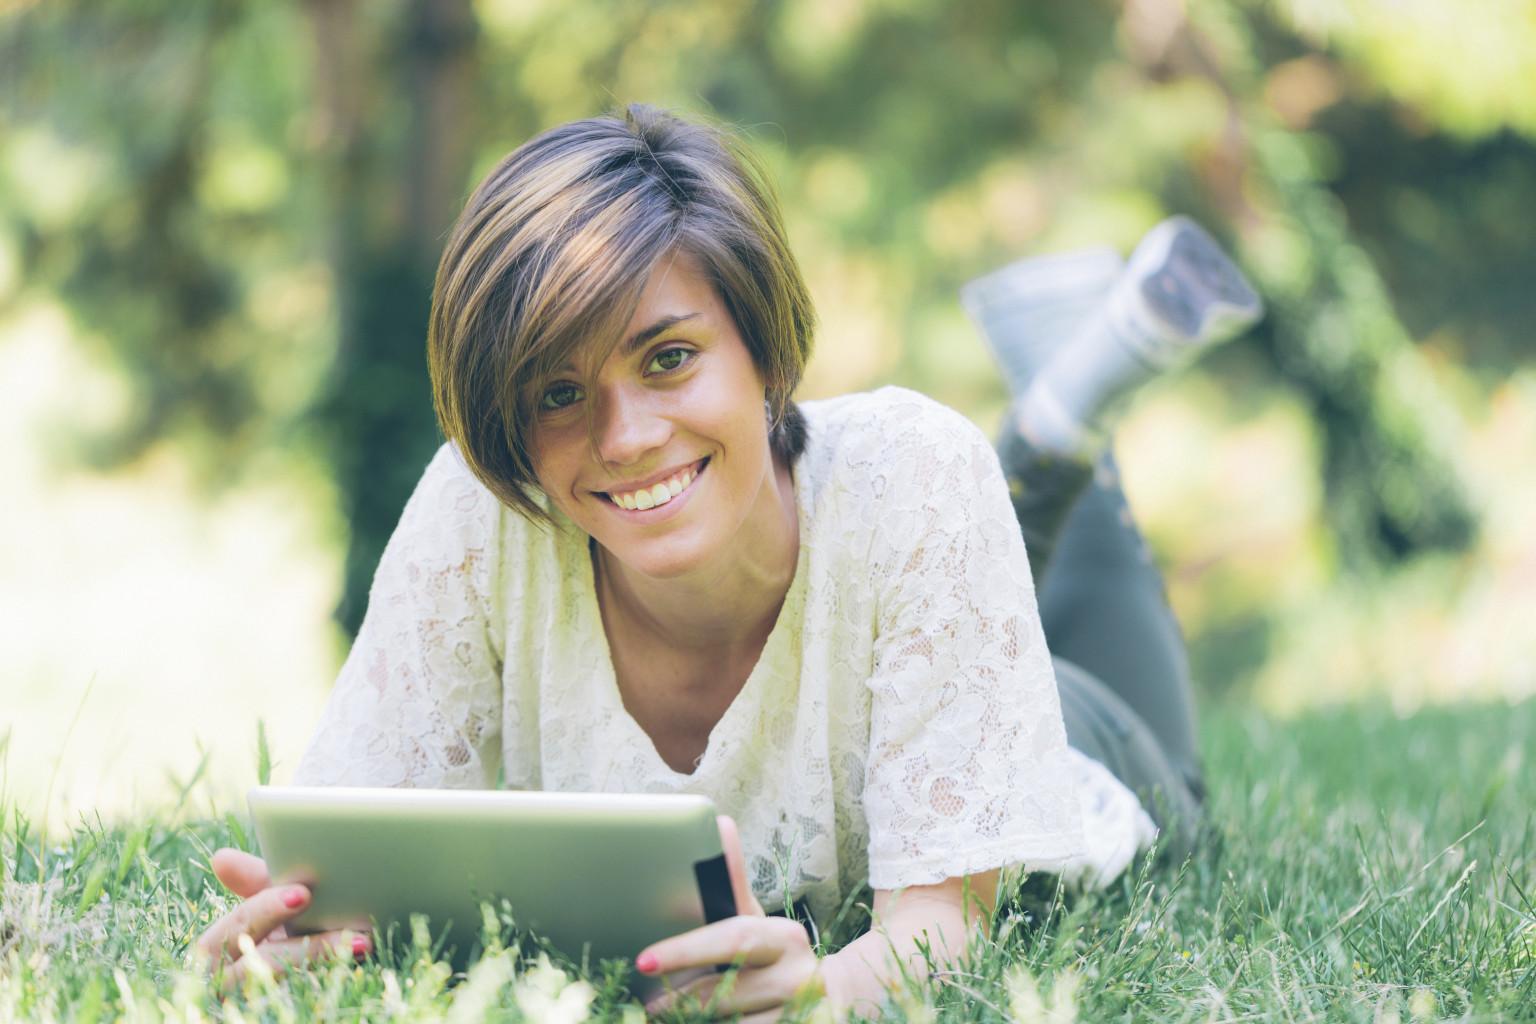 osu application essay 2012